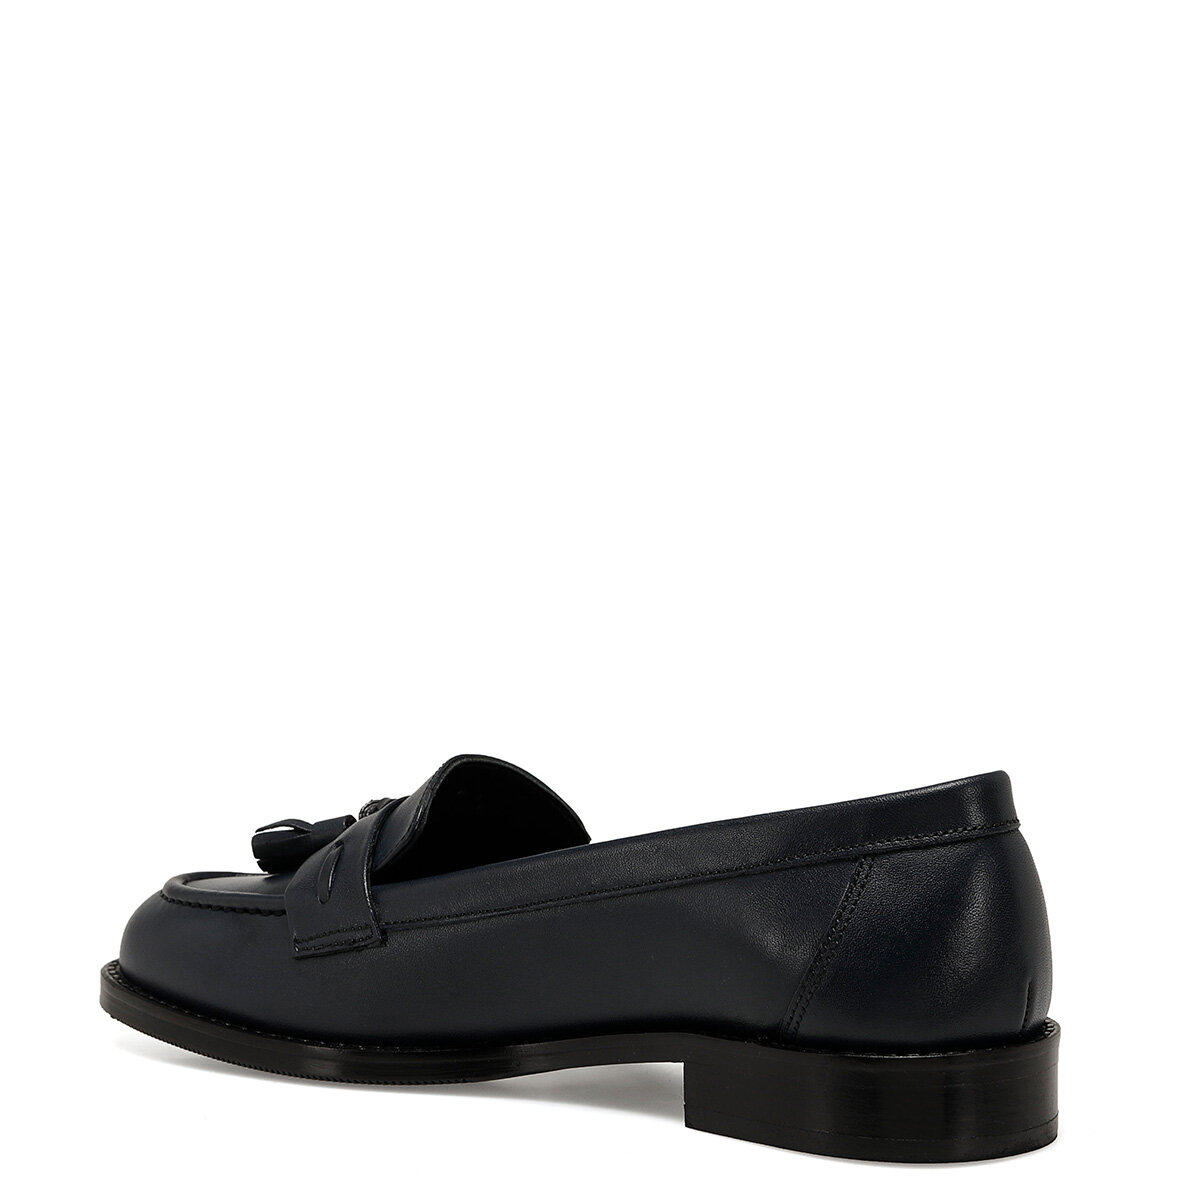 HOGAN Lacivert Kadın Loafer Ayakkabı